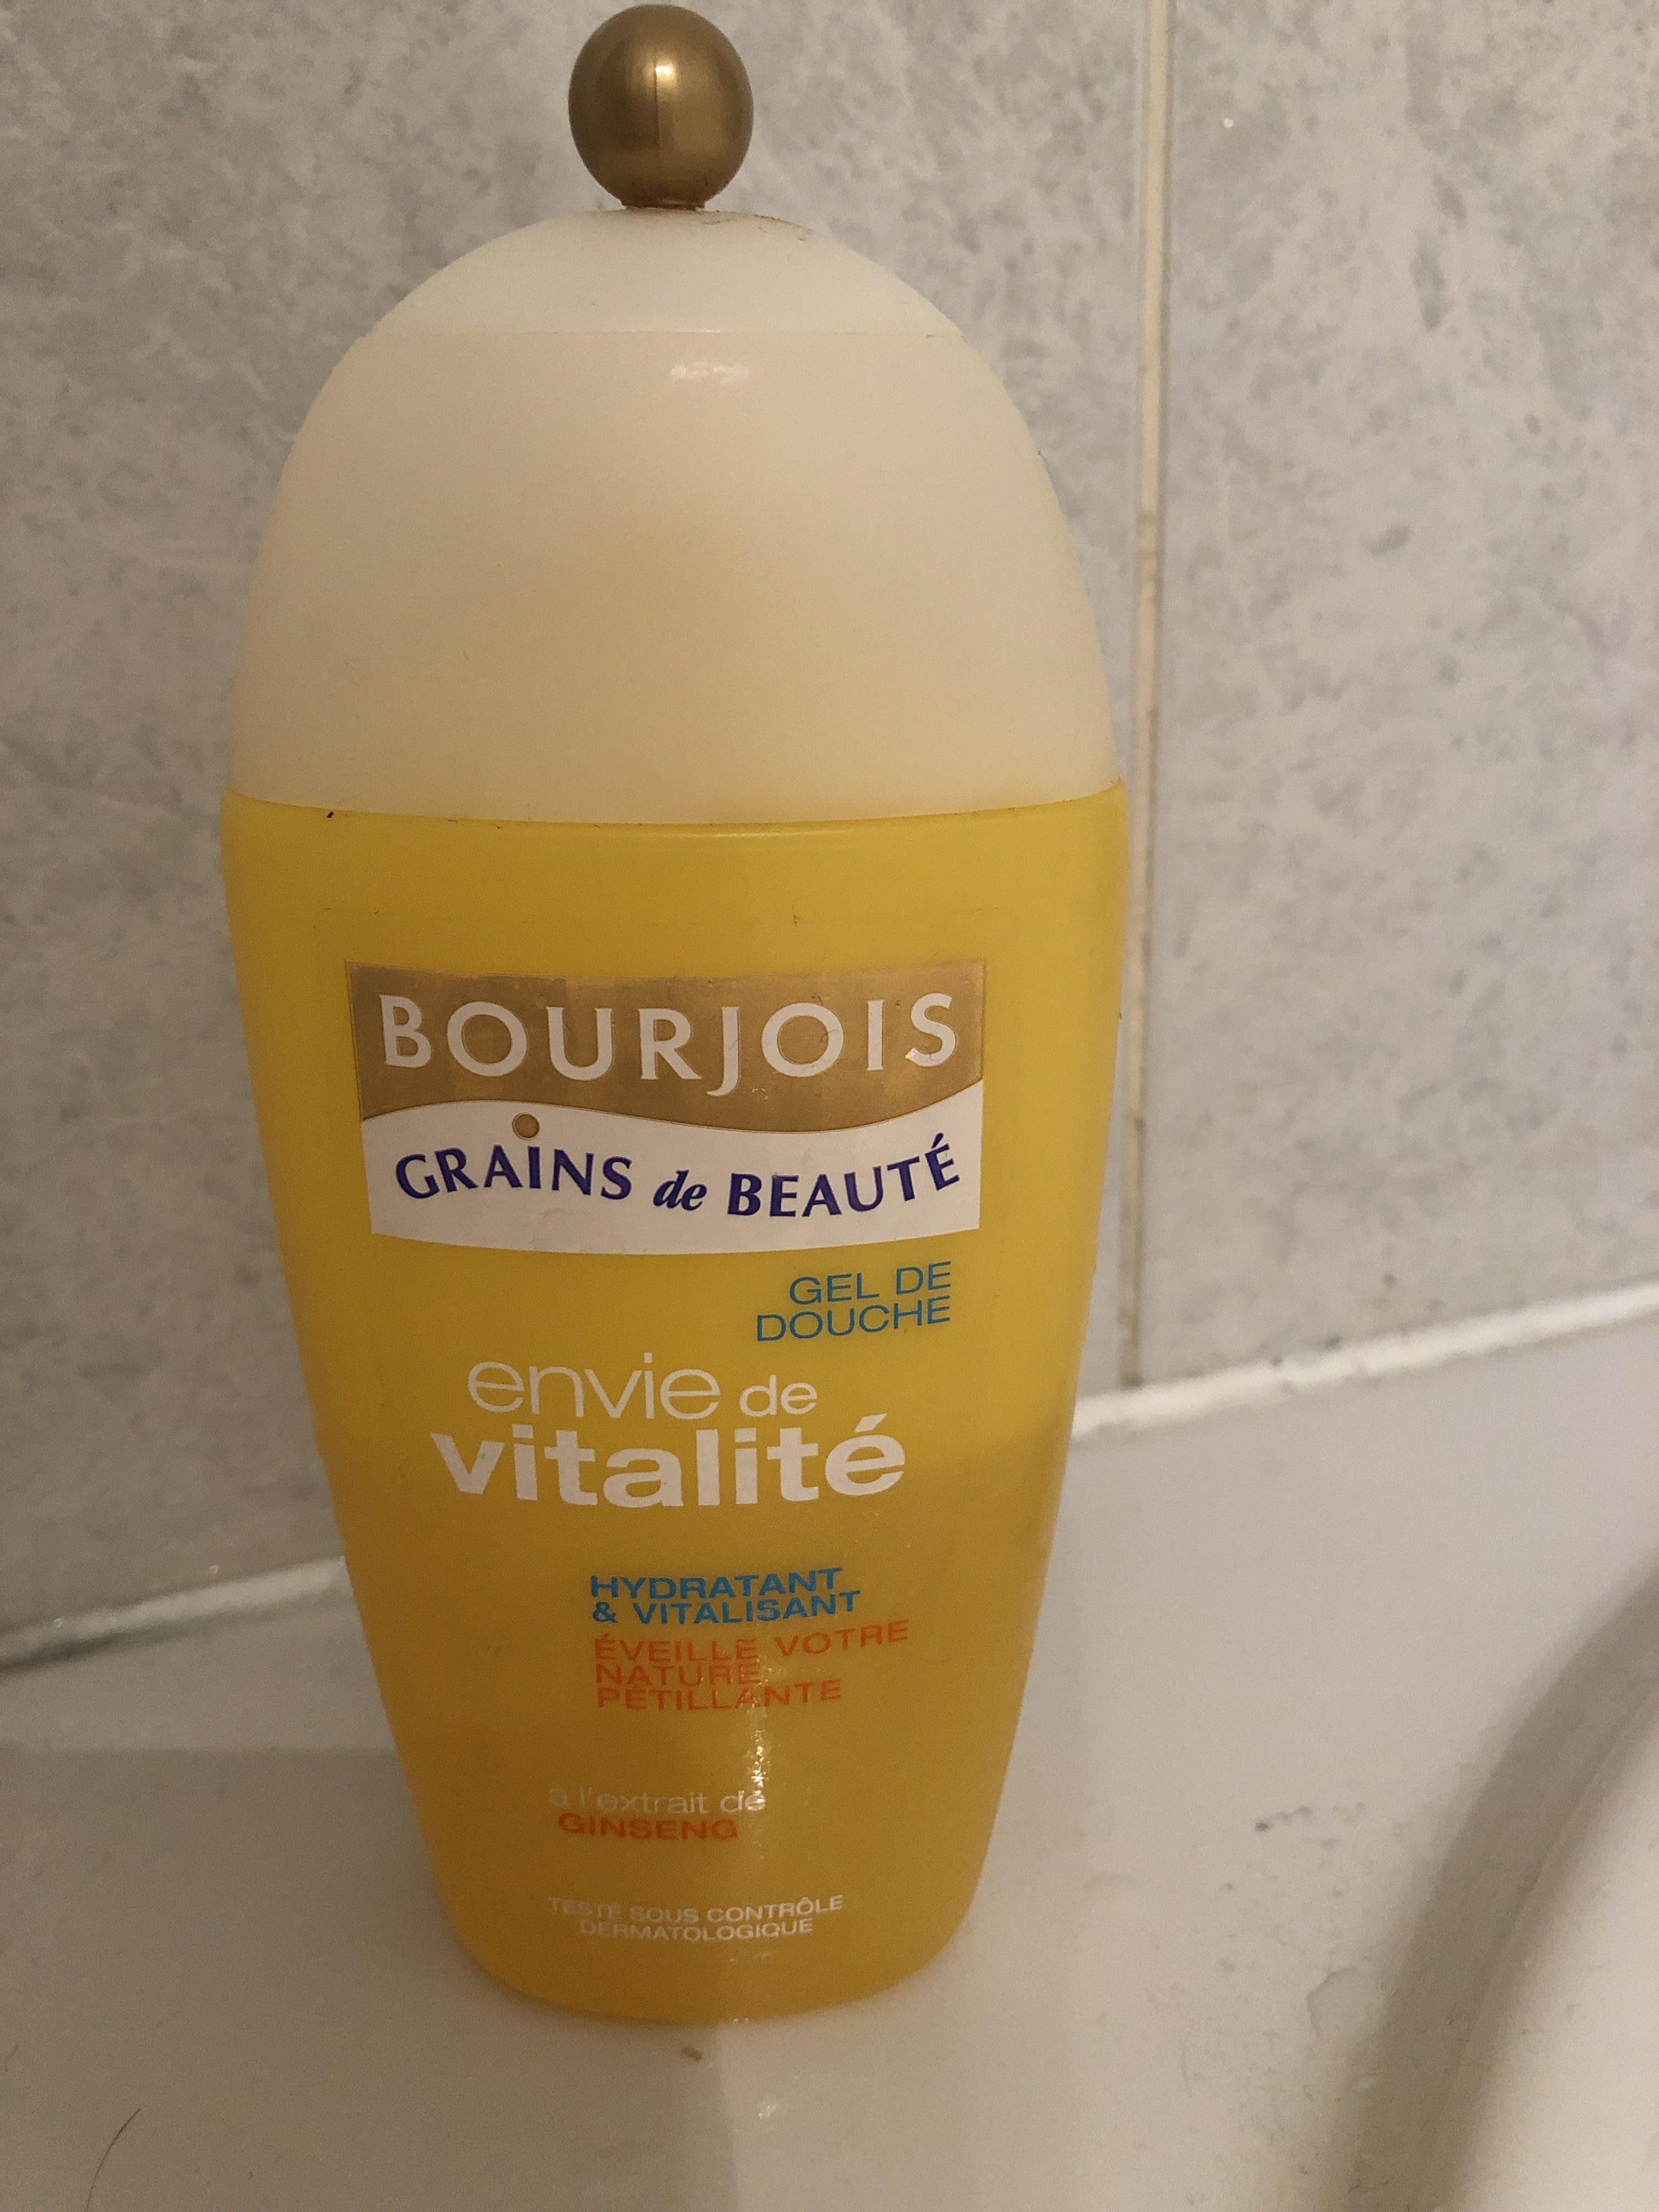 Envie de vitalité - Product - fr